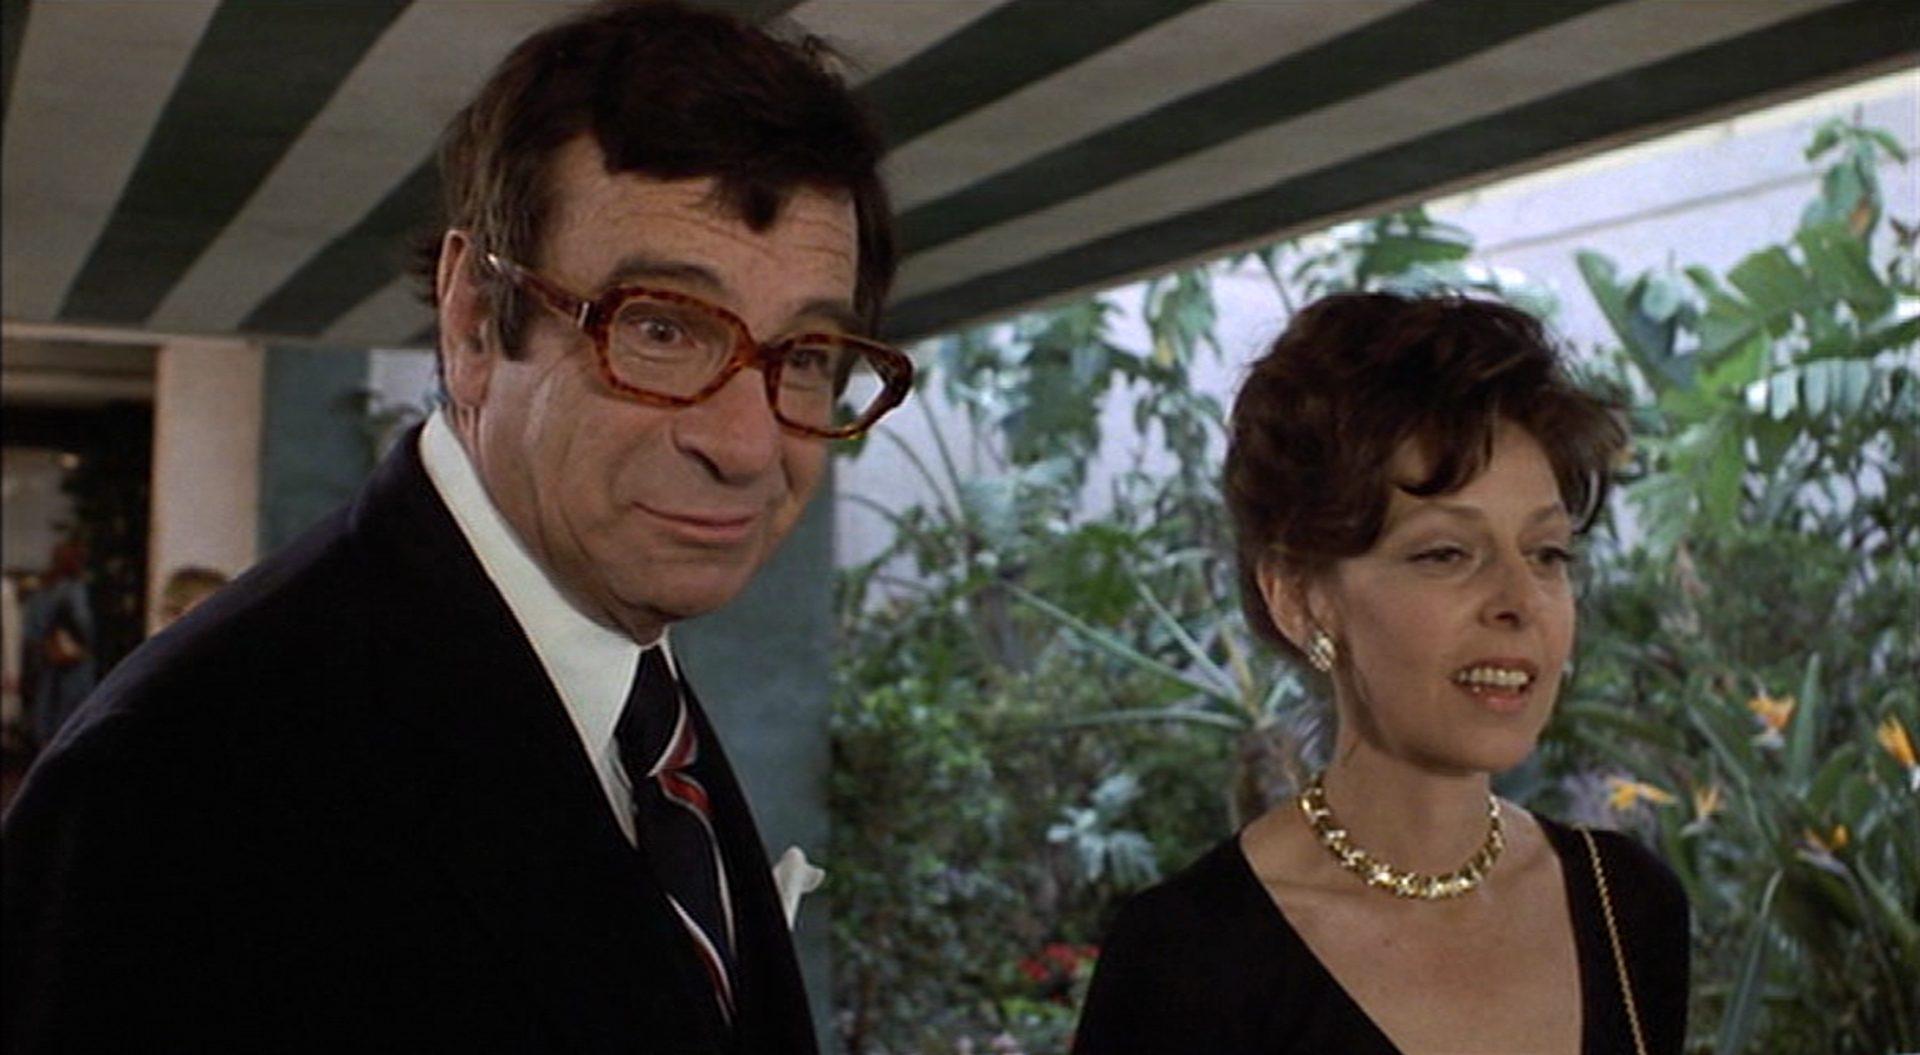 Walter Matthau mit großer Brille, neben ihm Elaine May mit auffälliger Goldkette.